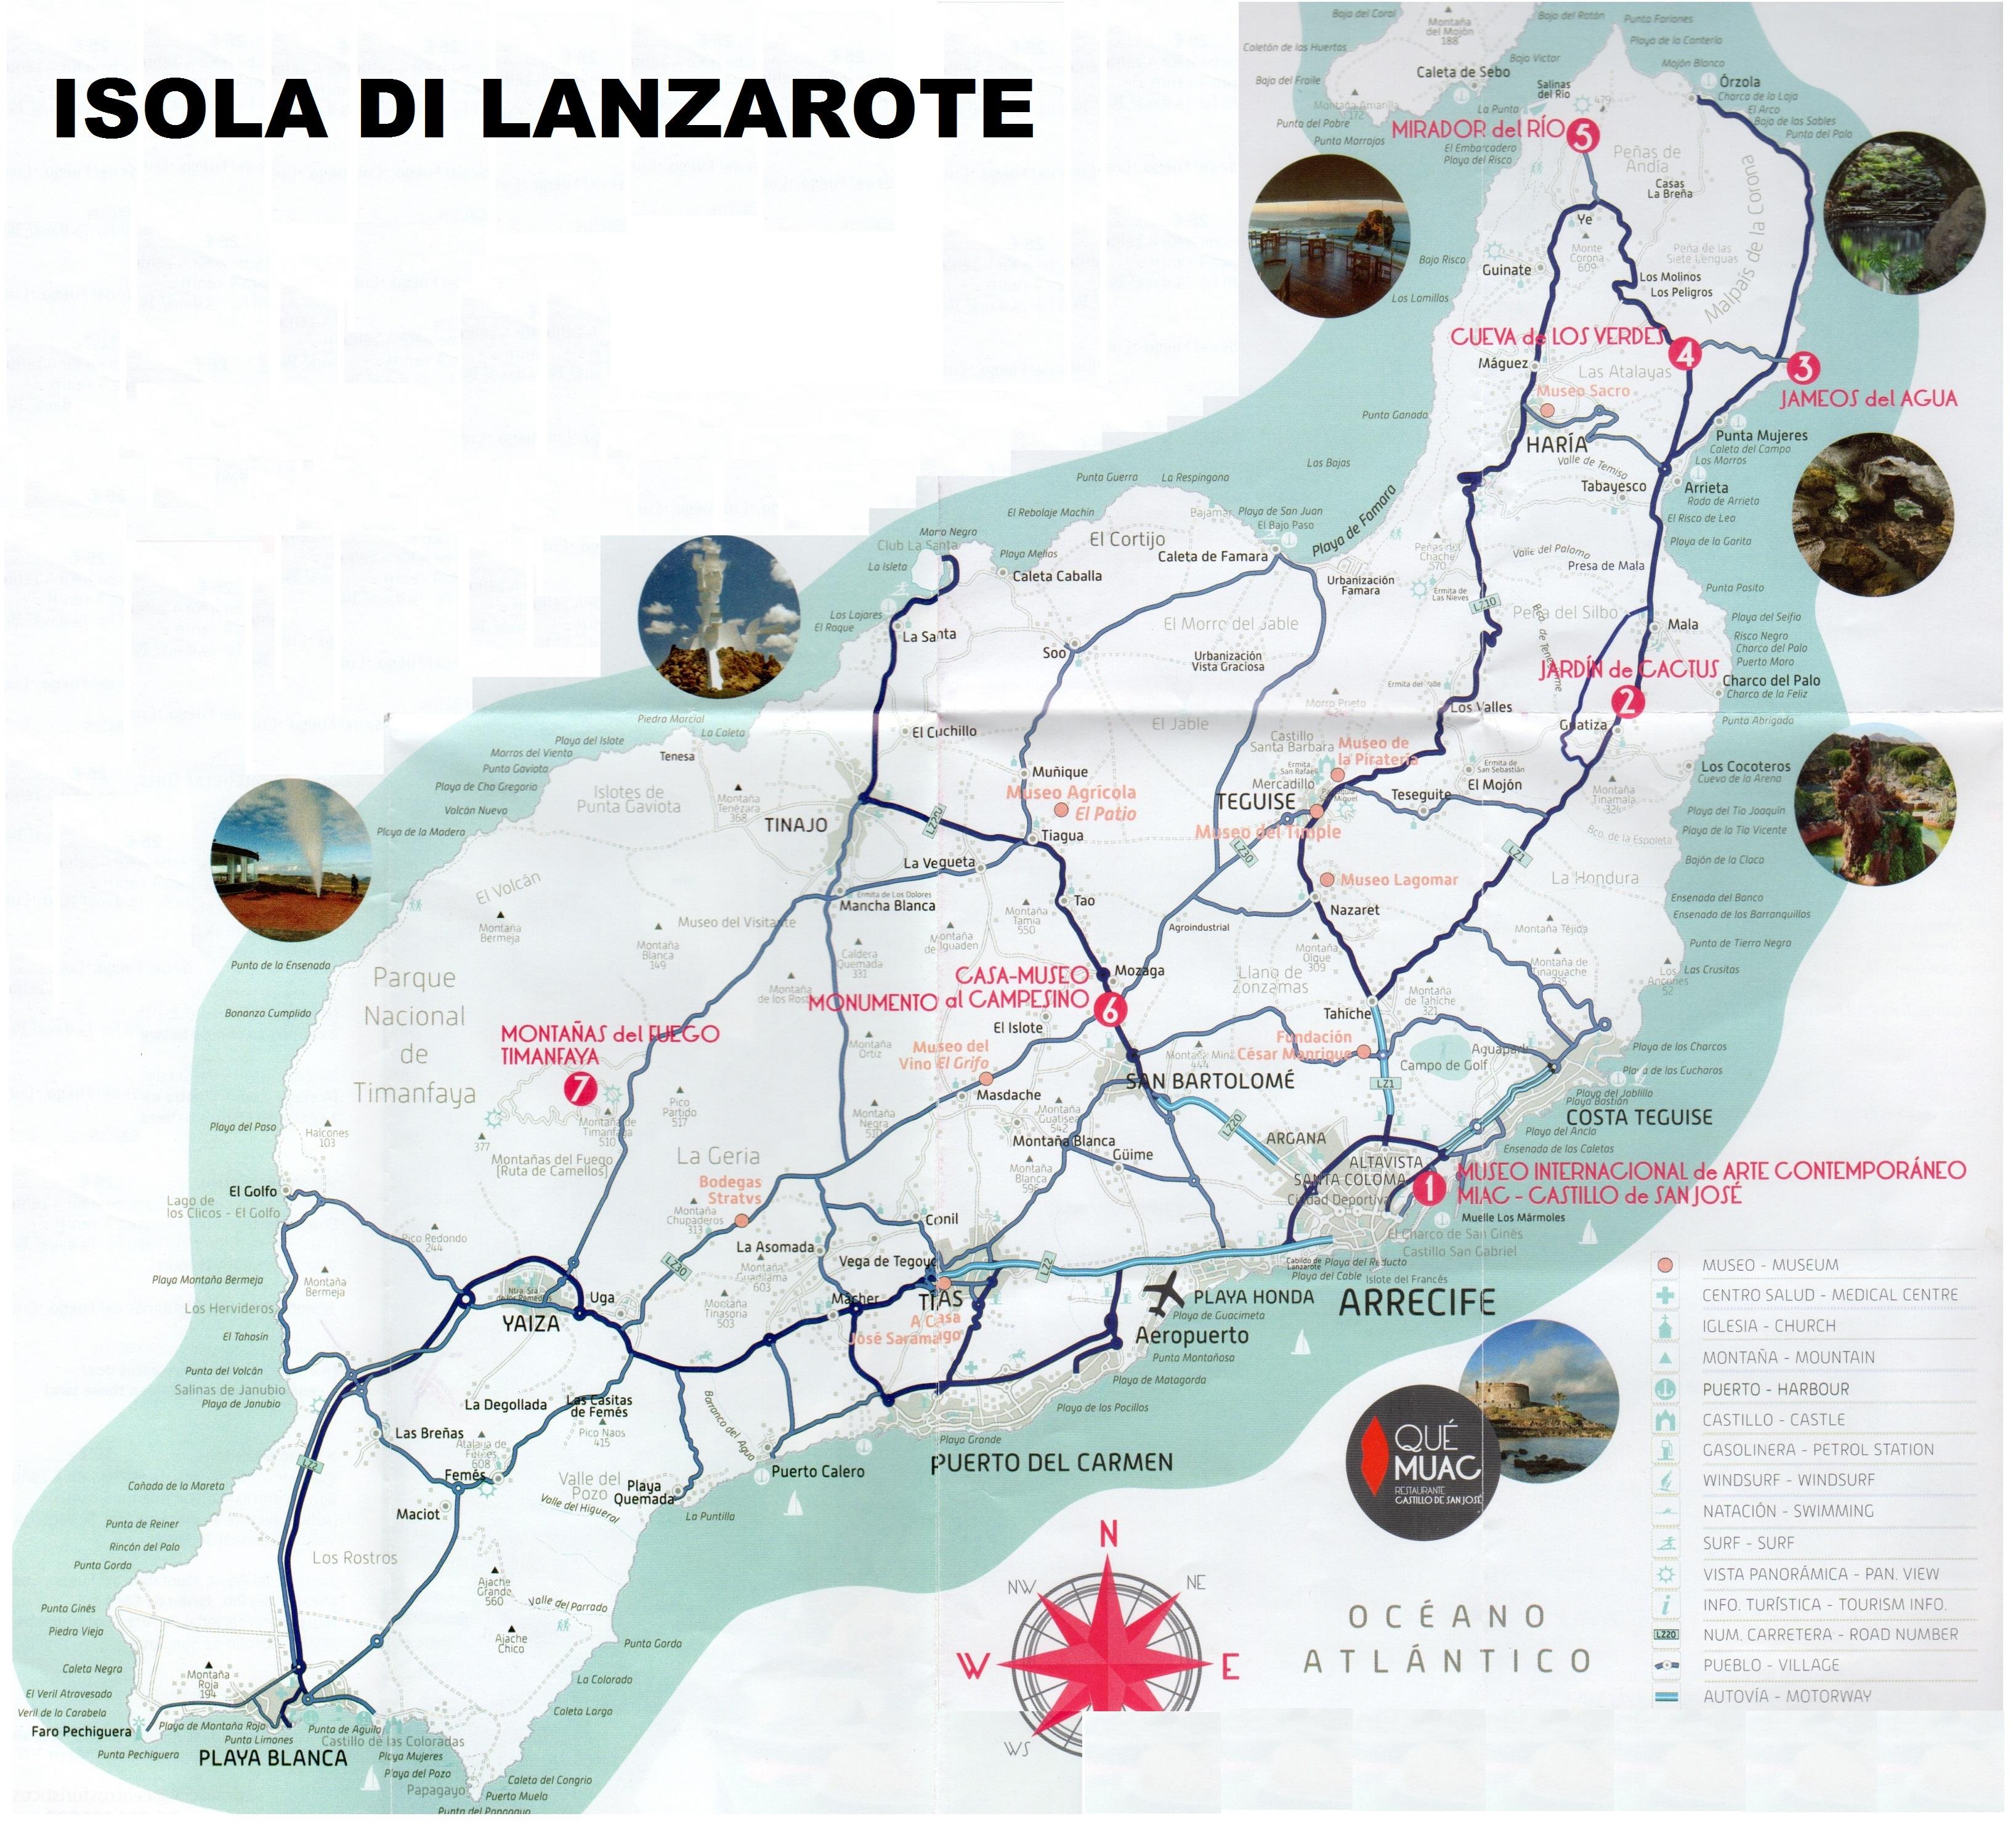 Cartina Lanzarote.Canarie Islands Fuerteventura And Lanzarote